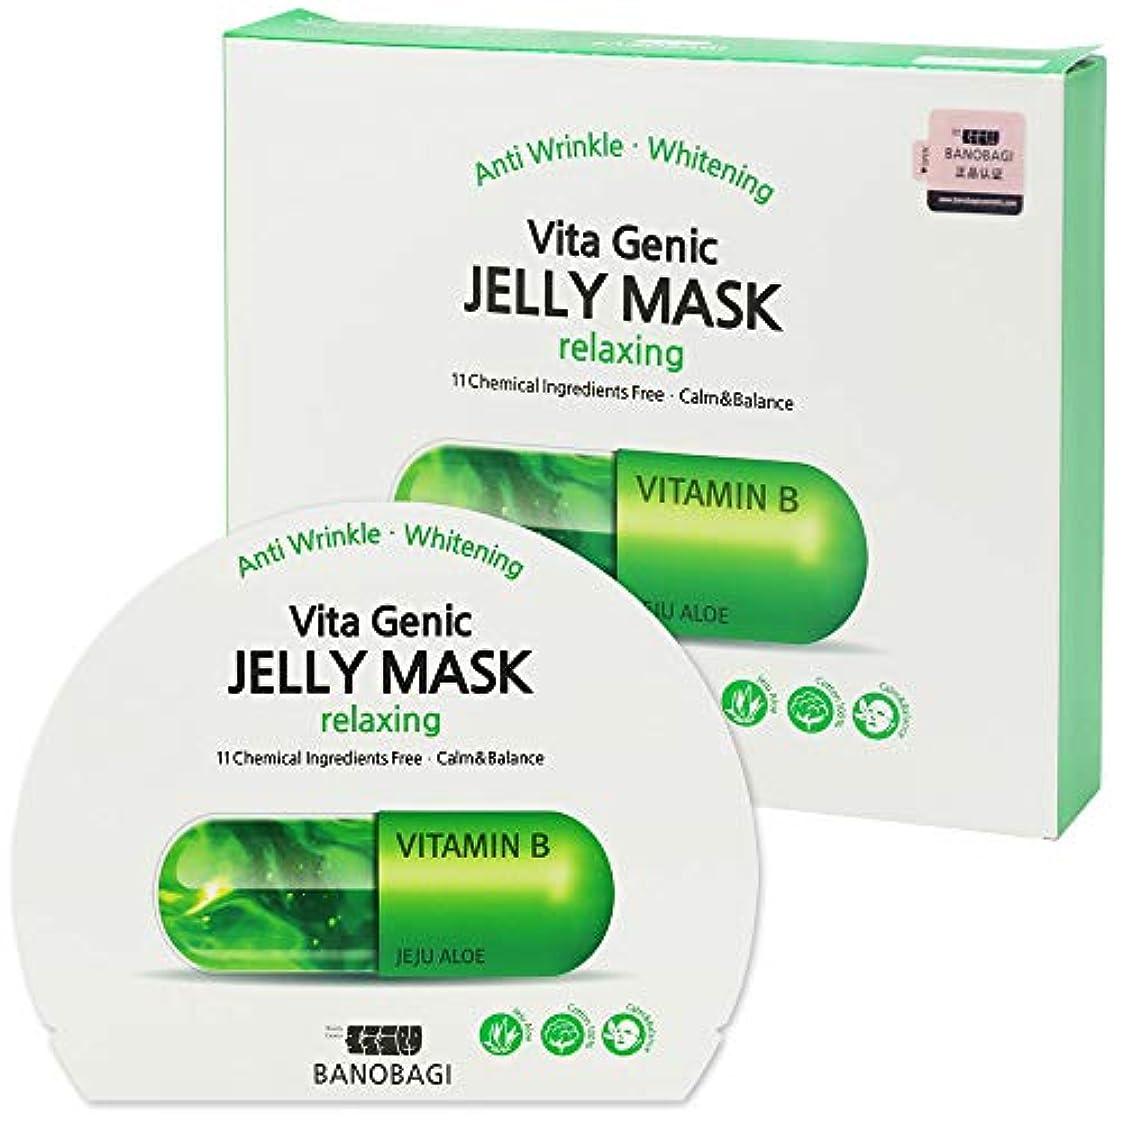 隔離する傘不平を言うバナバギ[BANOBAGI] ヴィータジェニックゼリーマスク★リラックス(緑)30mlx10P / Vita Genic Jelly Mask (Relaxing-Green)